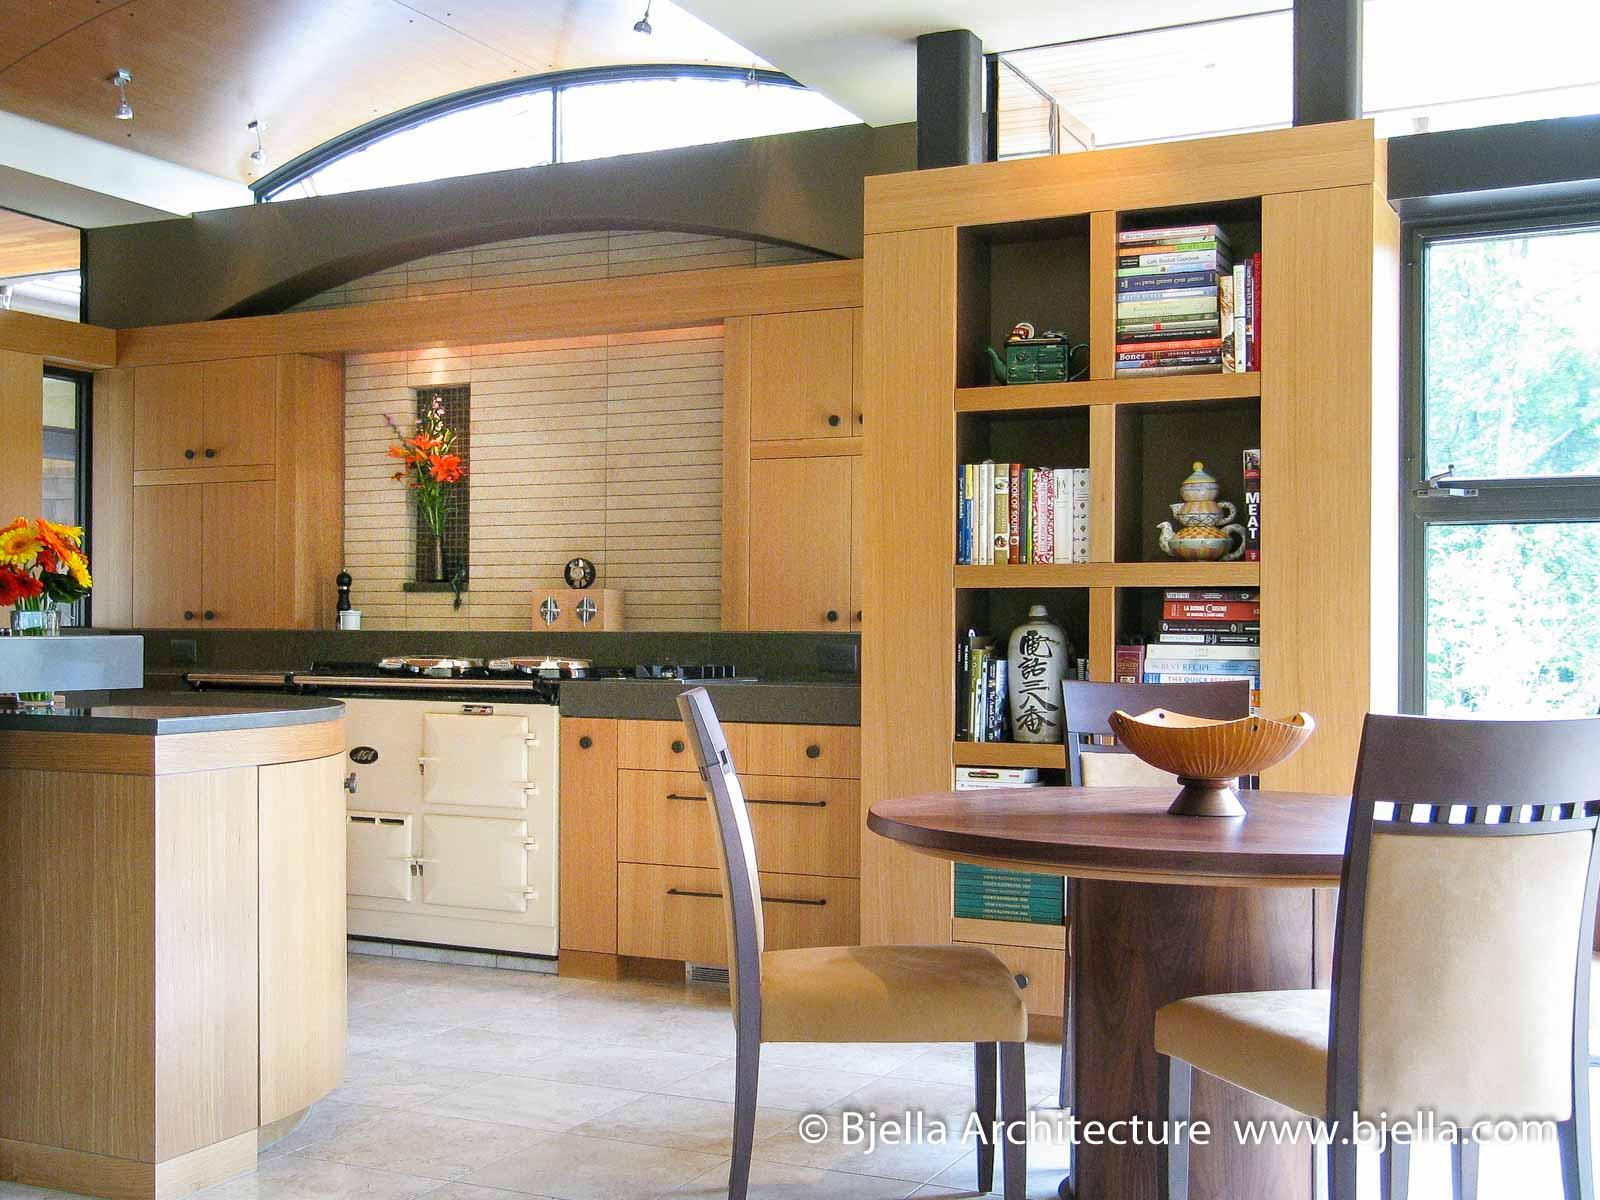 Bjella Architecture - Modern Kitchen Design-4